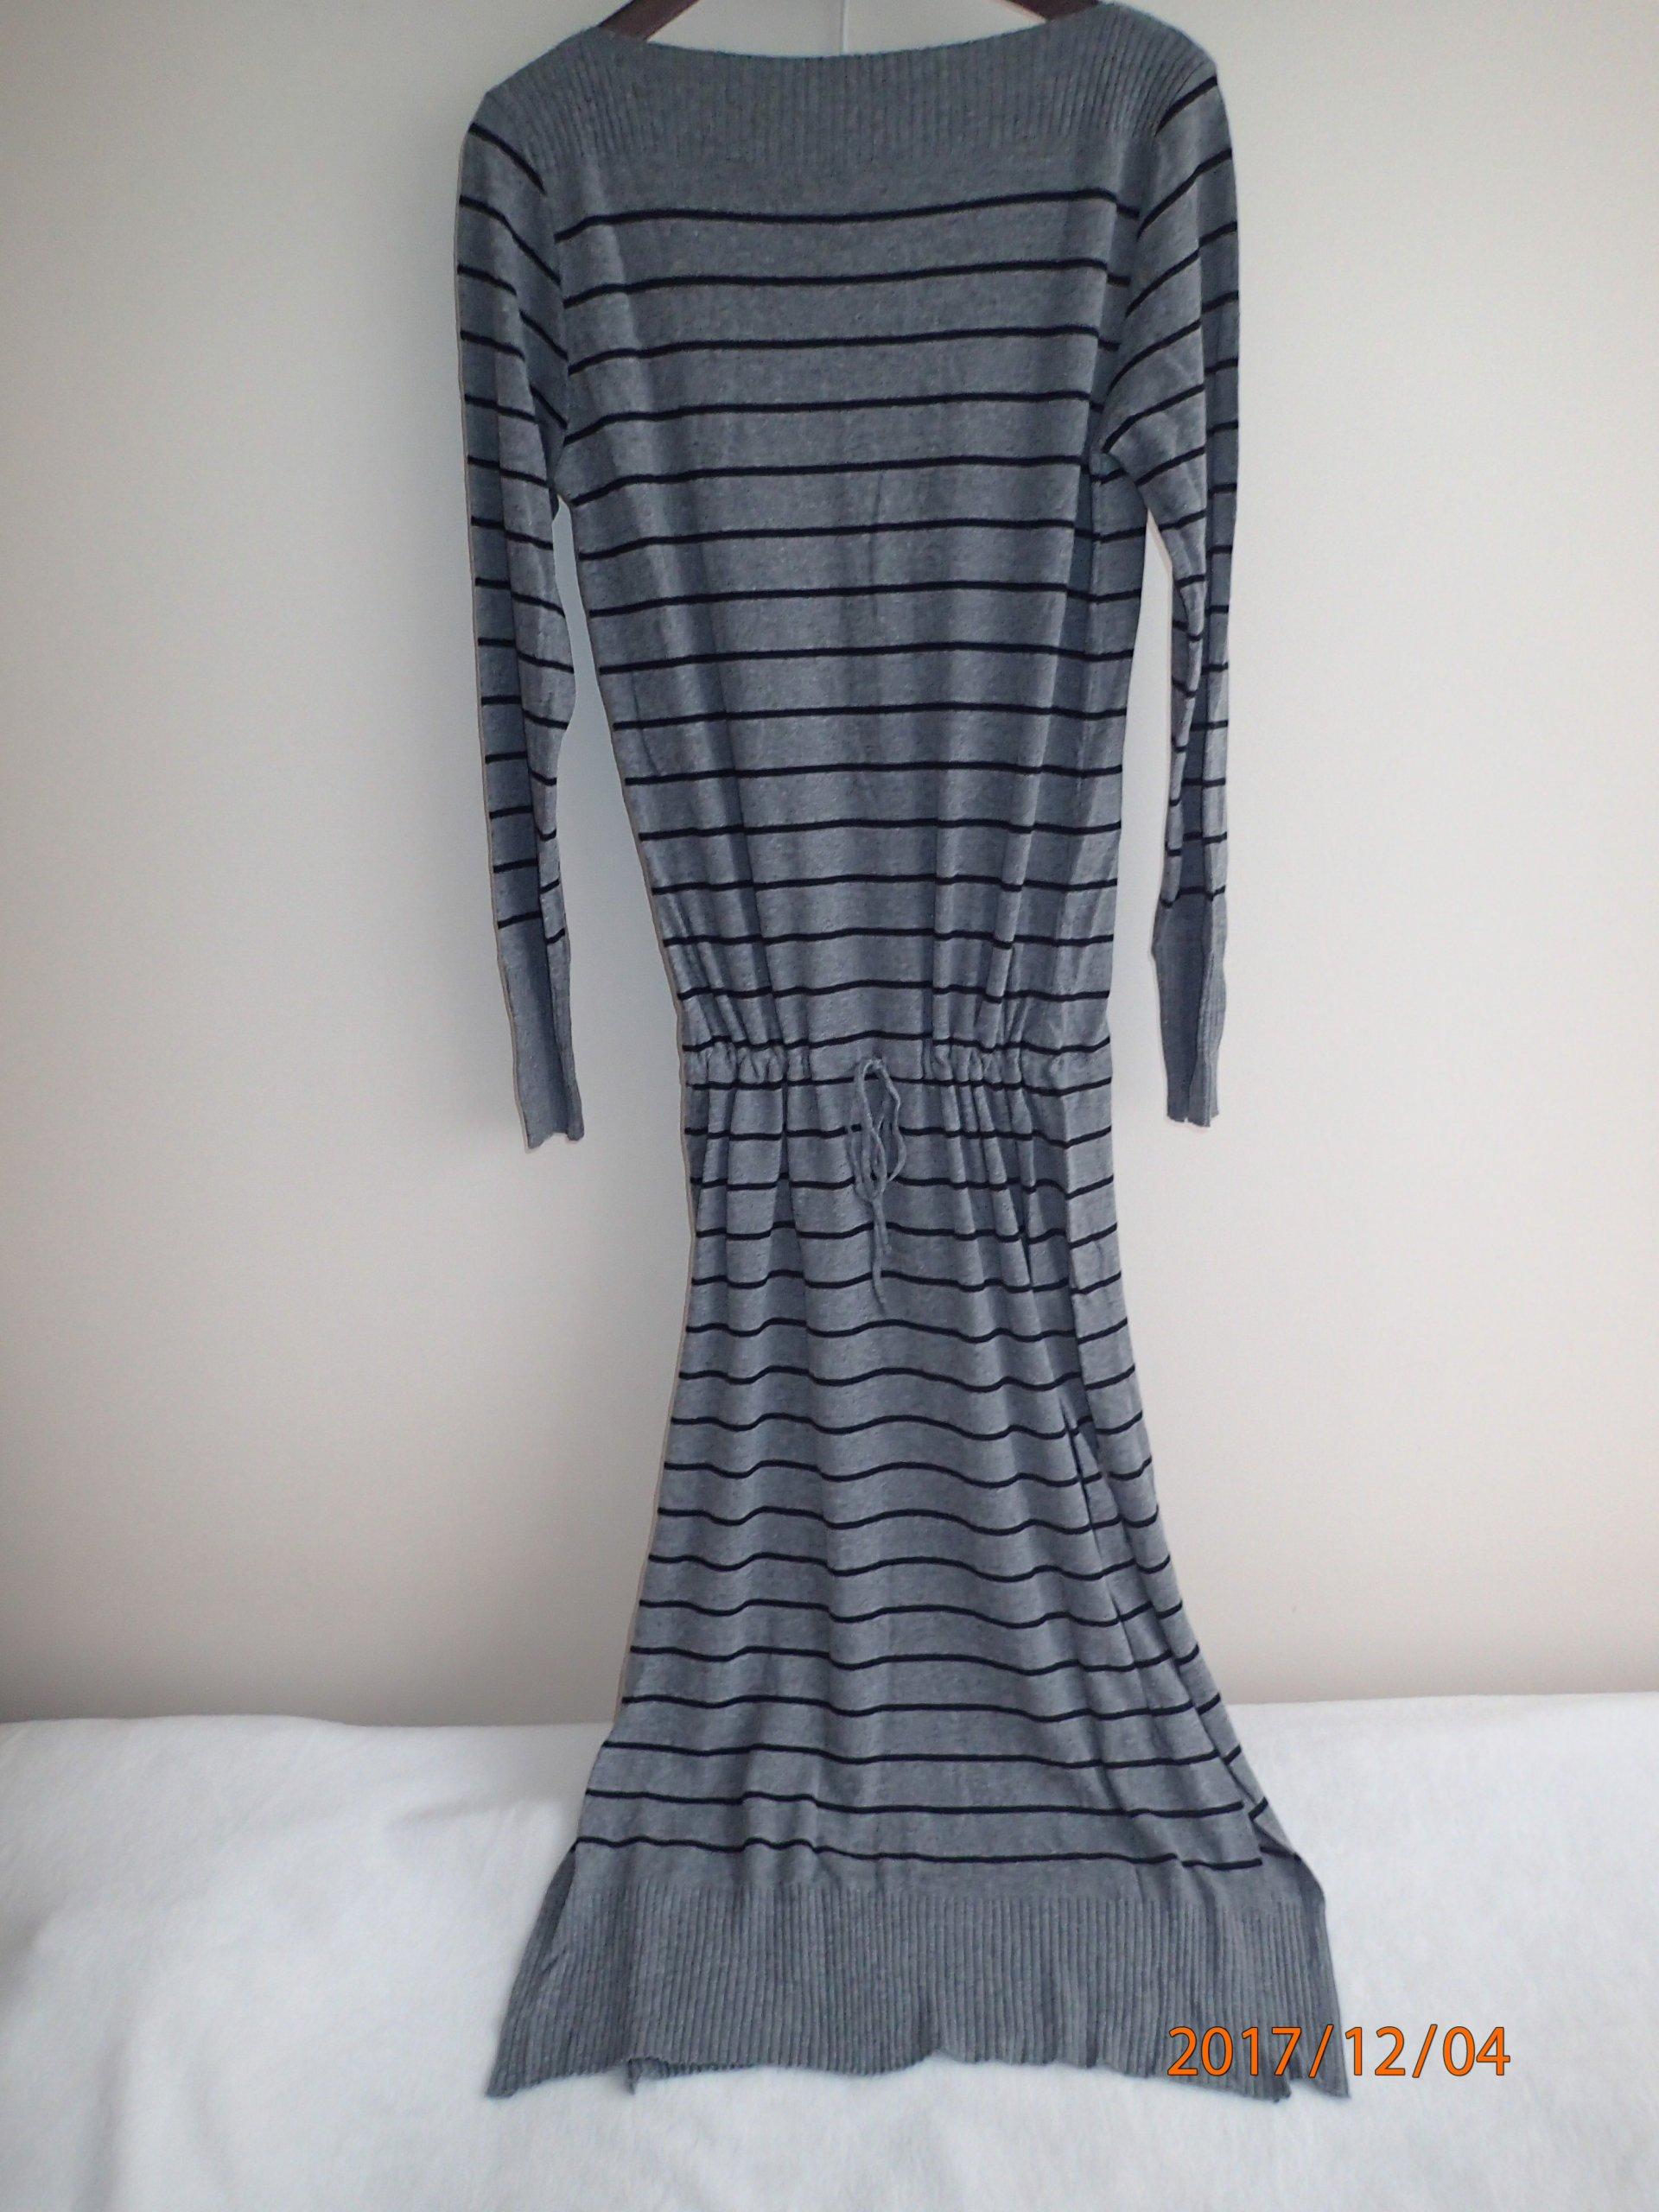 1b32eea5bf Włoska dzianinowa sukienka szara w paski - 7361344432 - oficjalne ...